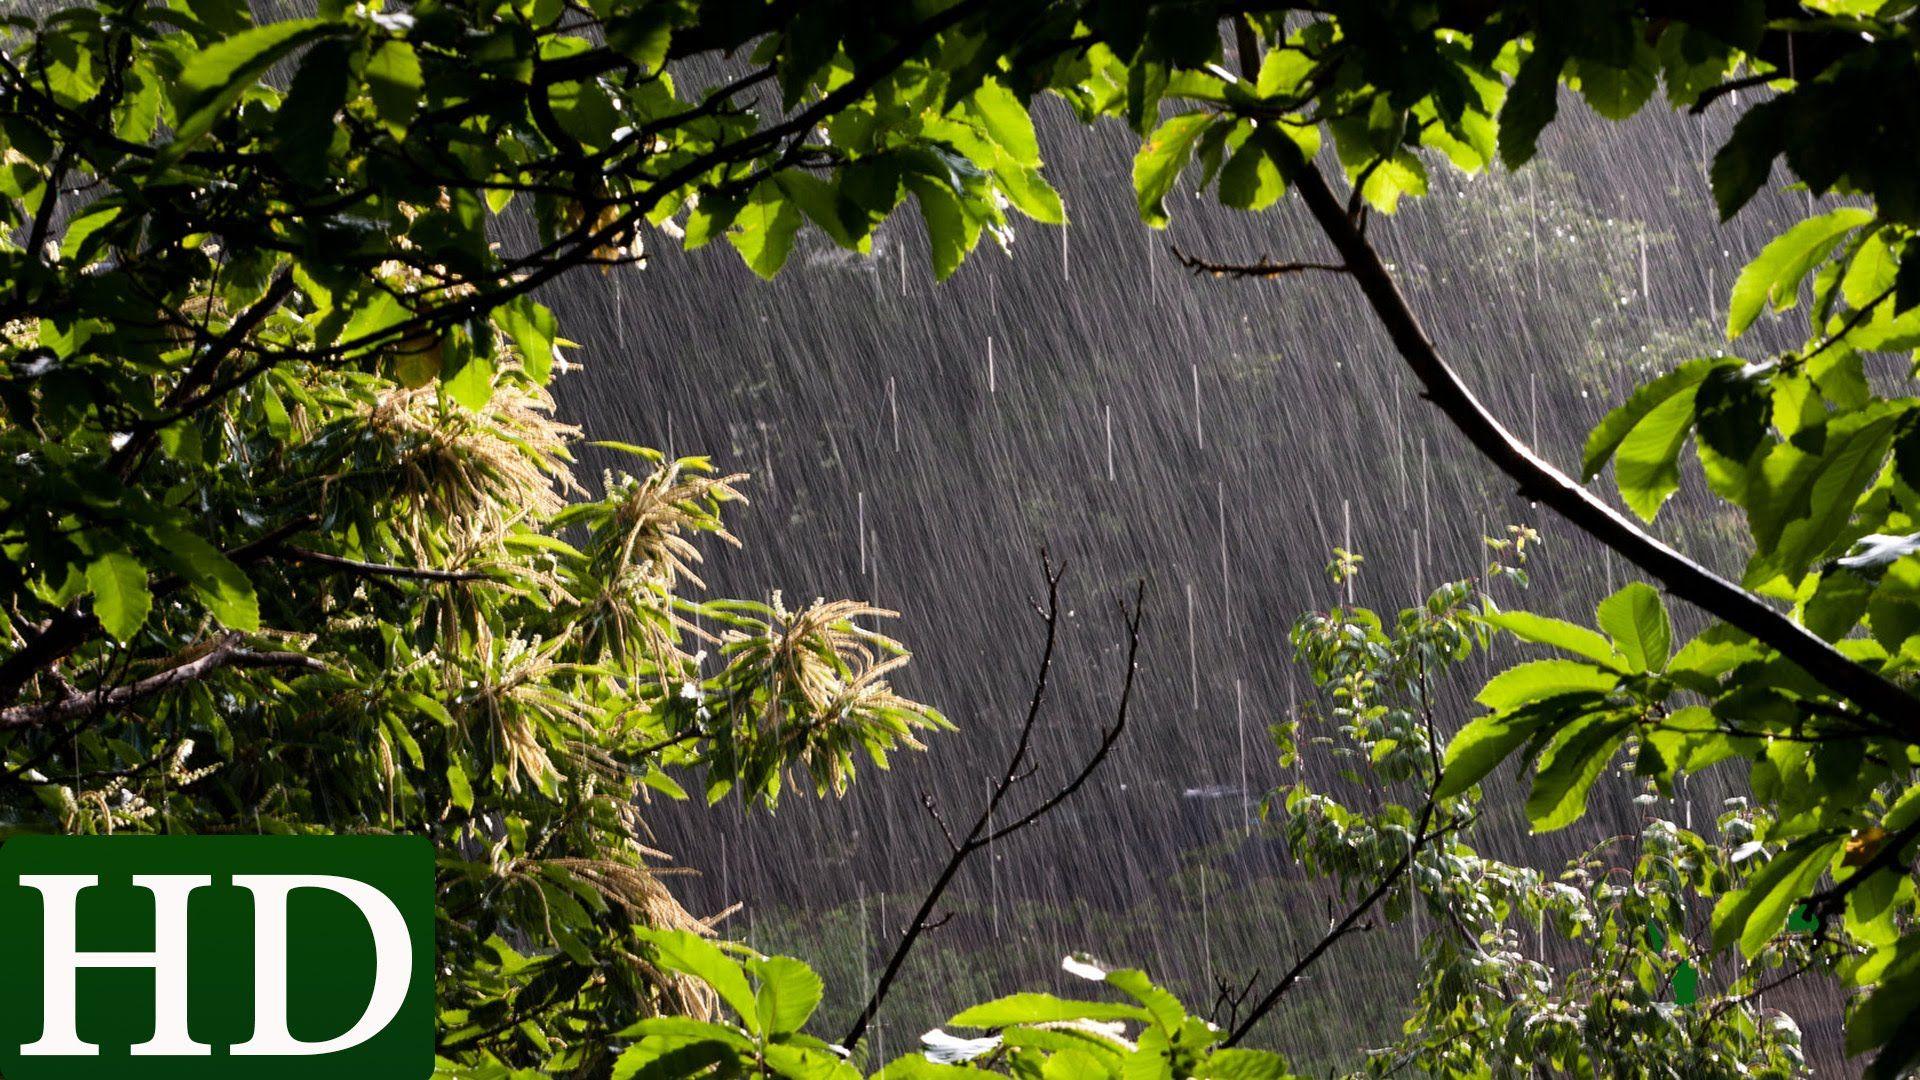 pluie bruit de la pluie et nature relaxation musiques music bruit de la pluie pluie. Black Bedroom Furniture Sets. Home Design Ideas